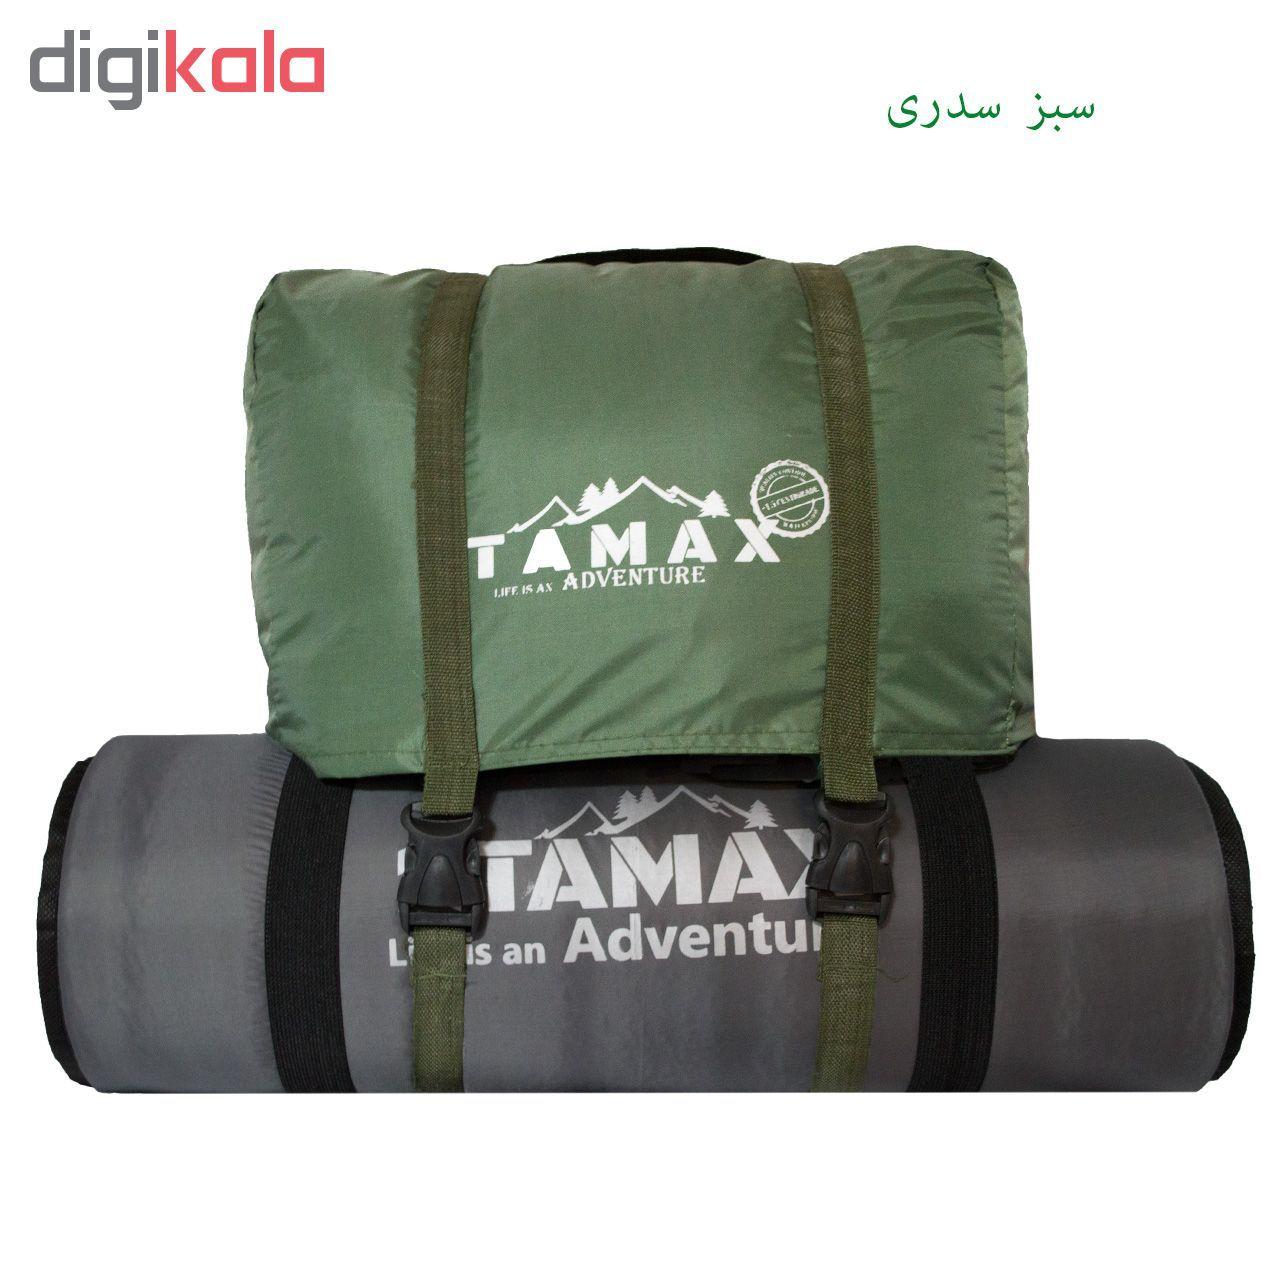 ست کیسه خواب و زیرانداز تامکس مدل Light Adventure main 1 13